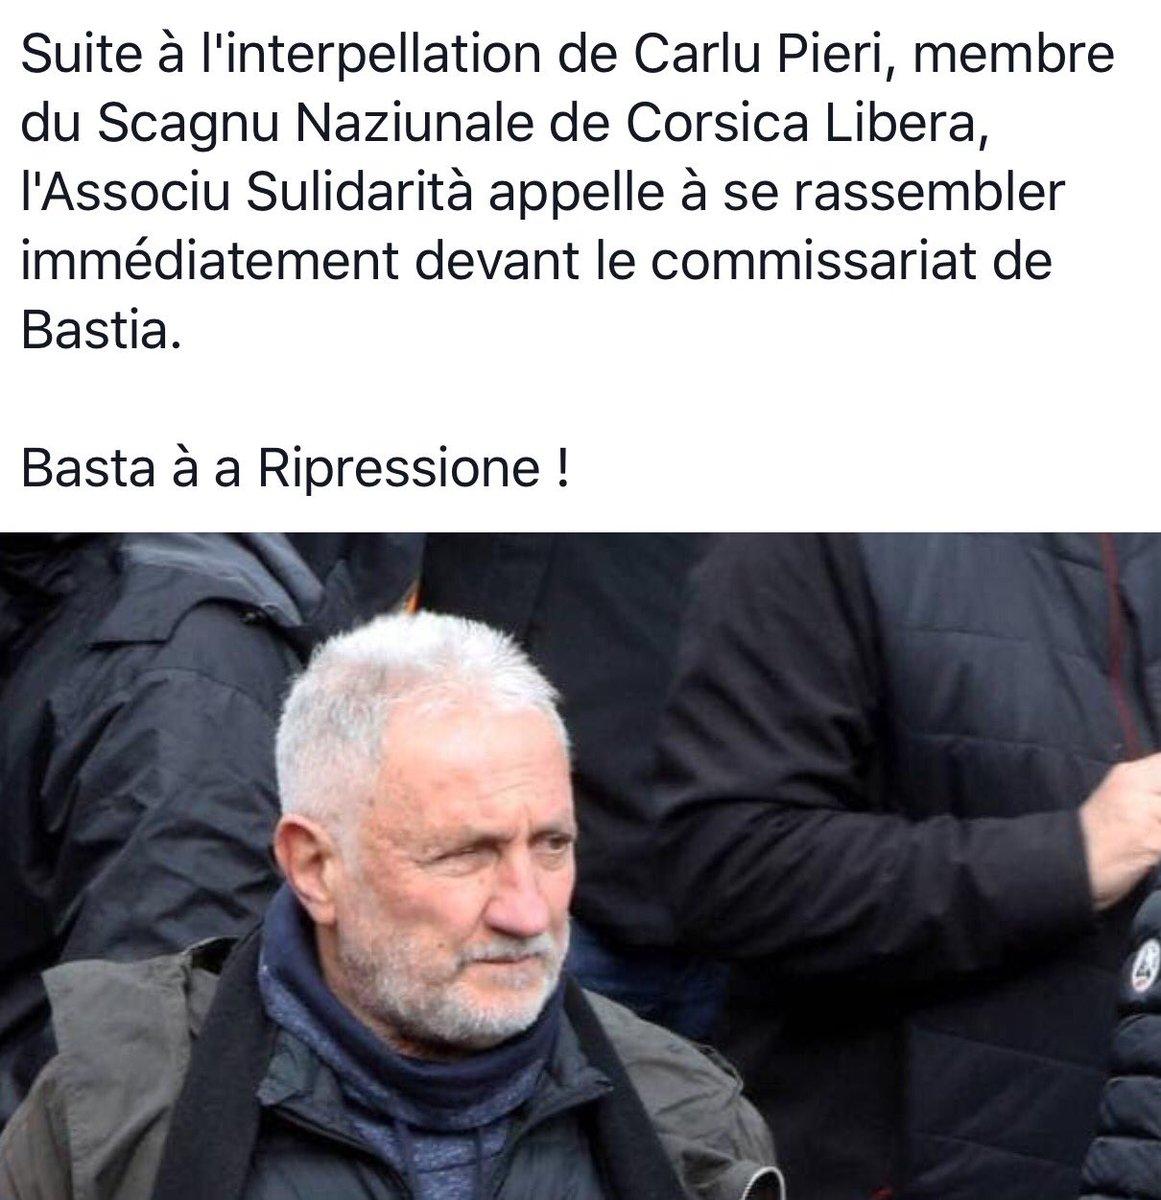 Bastia : Charles Pieri et trois autres personnes interpellées